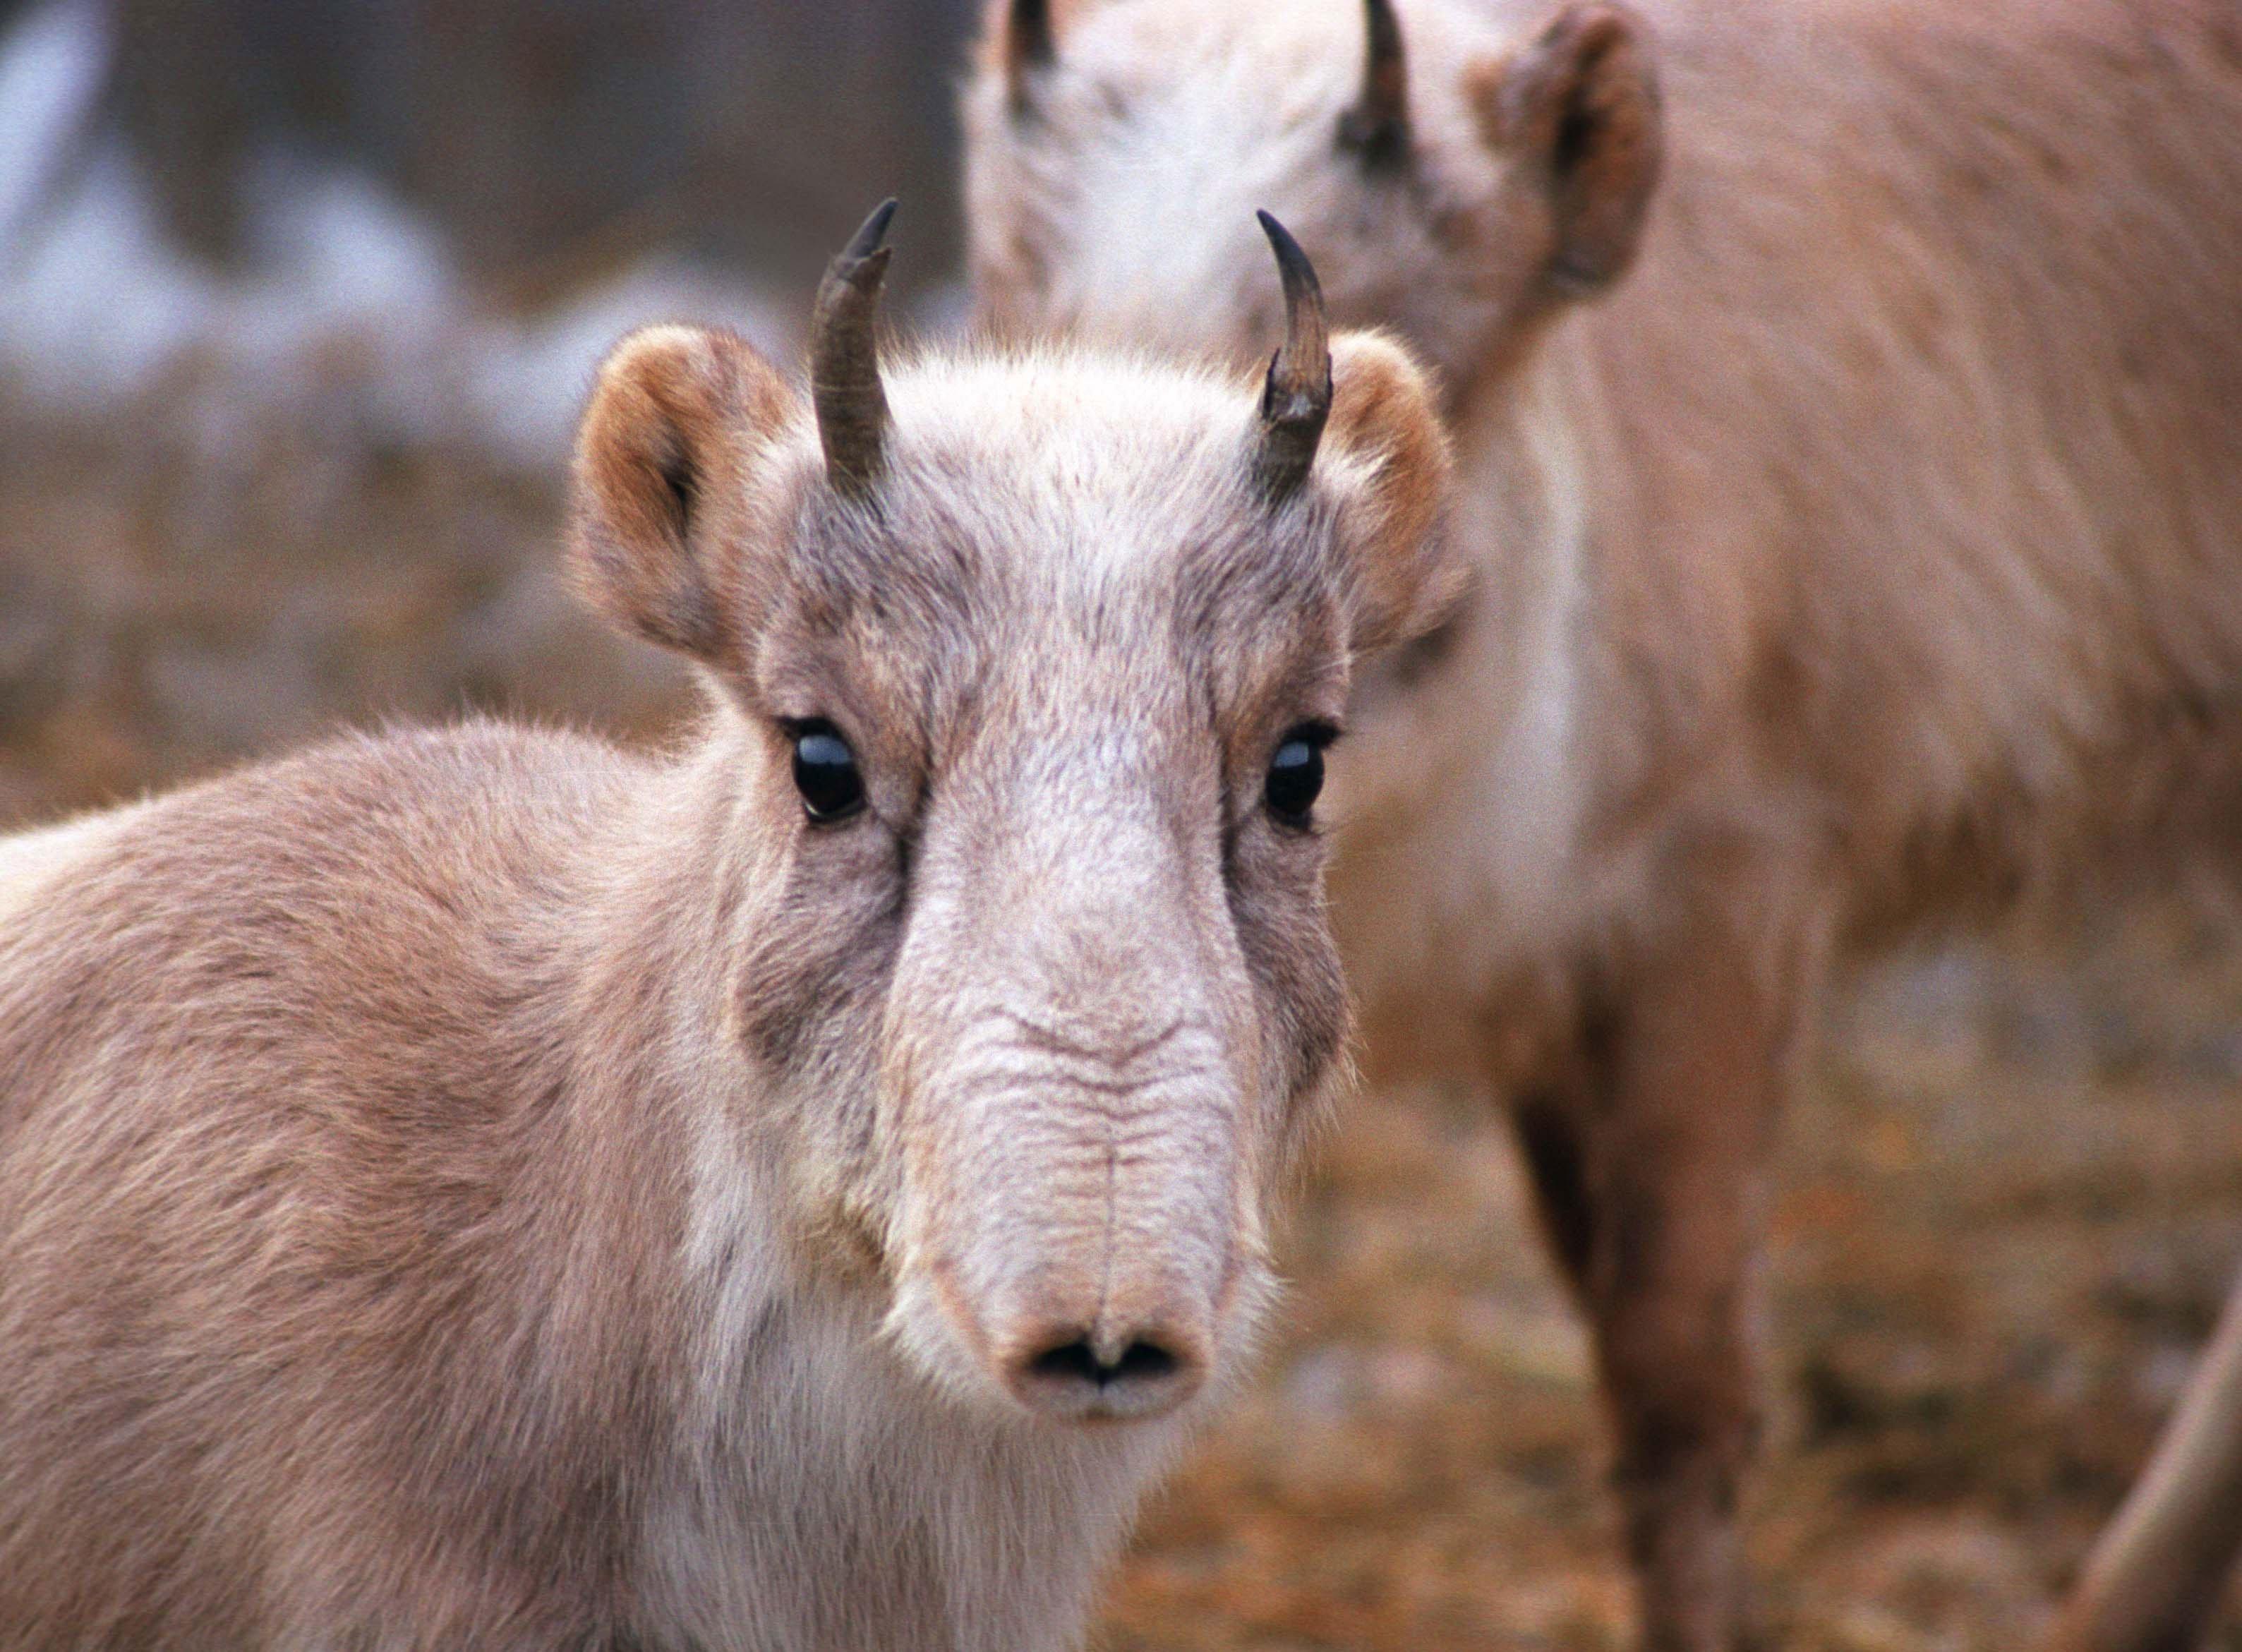 Сельчане Западного Казахстана жалуются на нашествие сайгаков